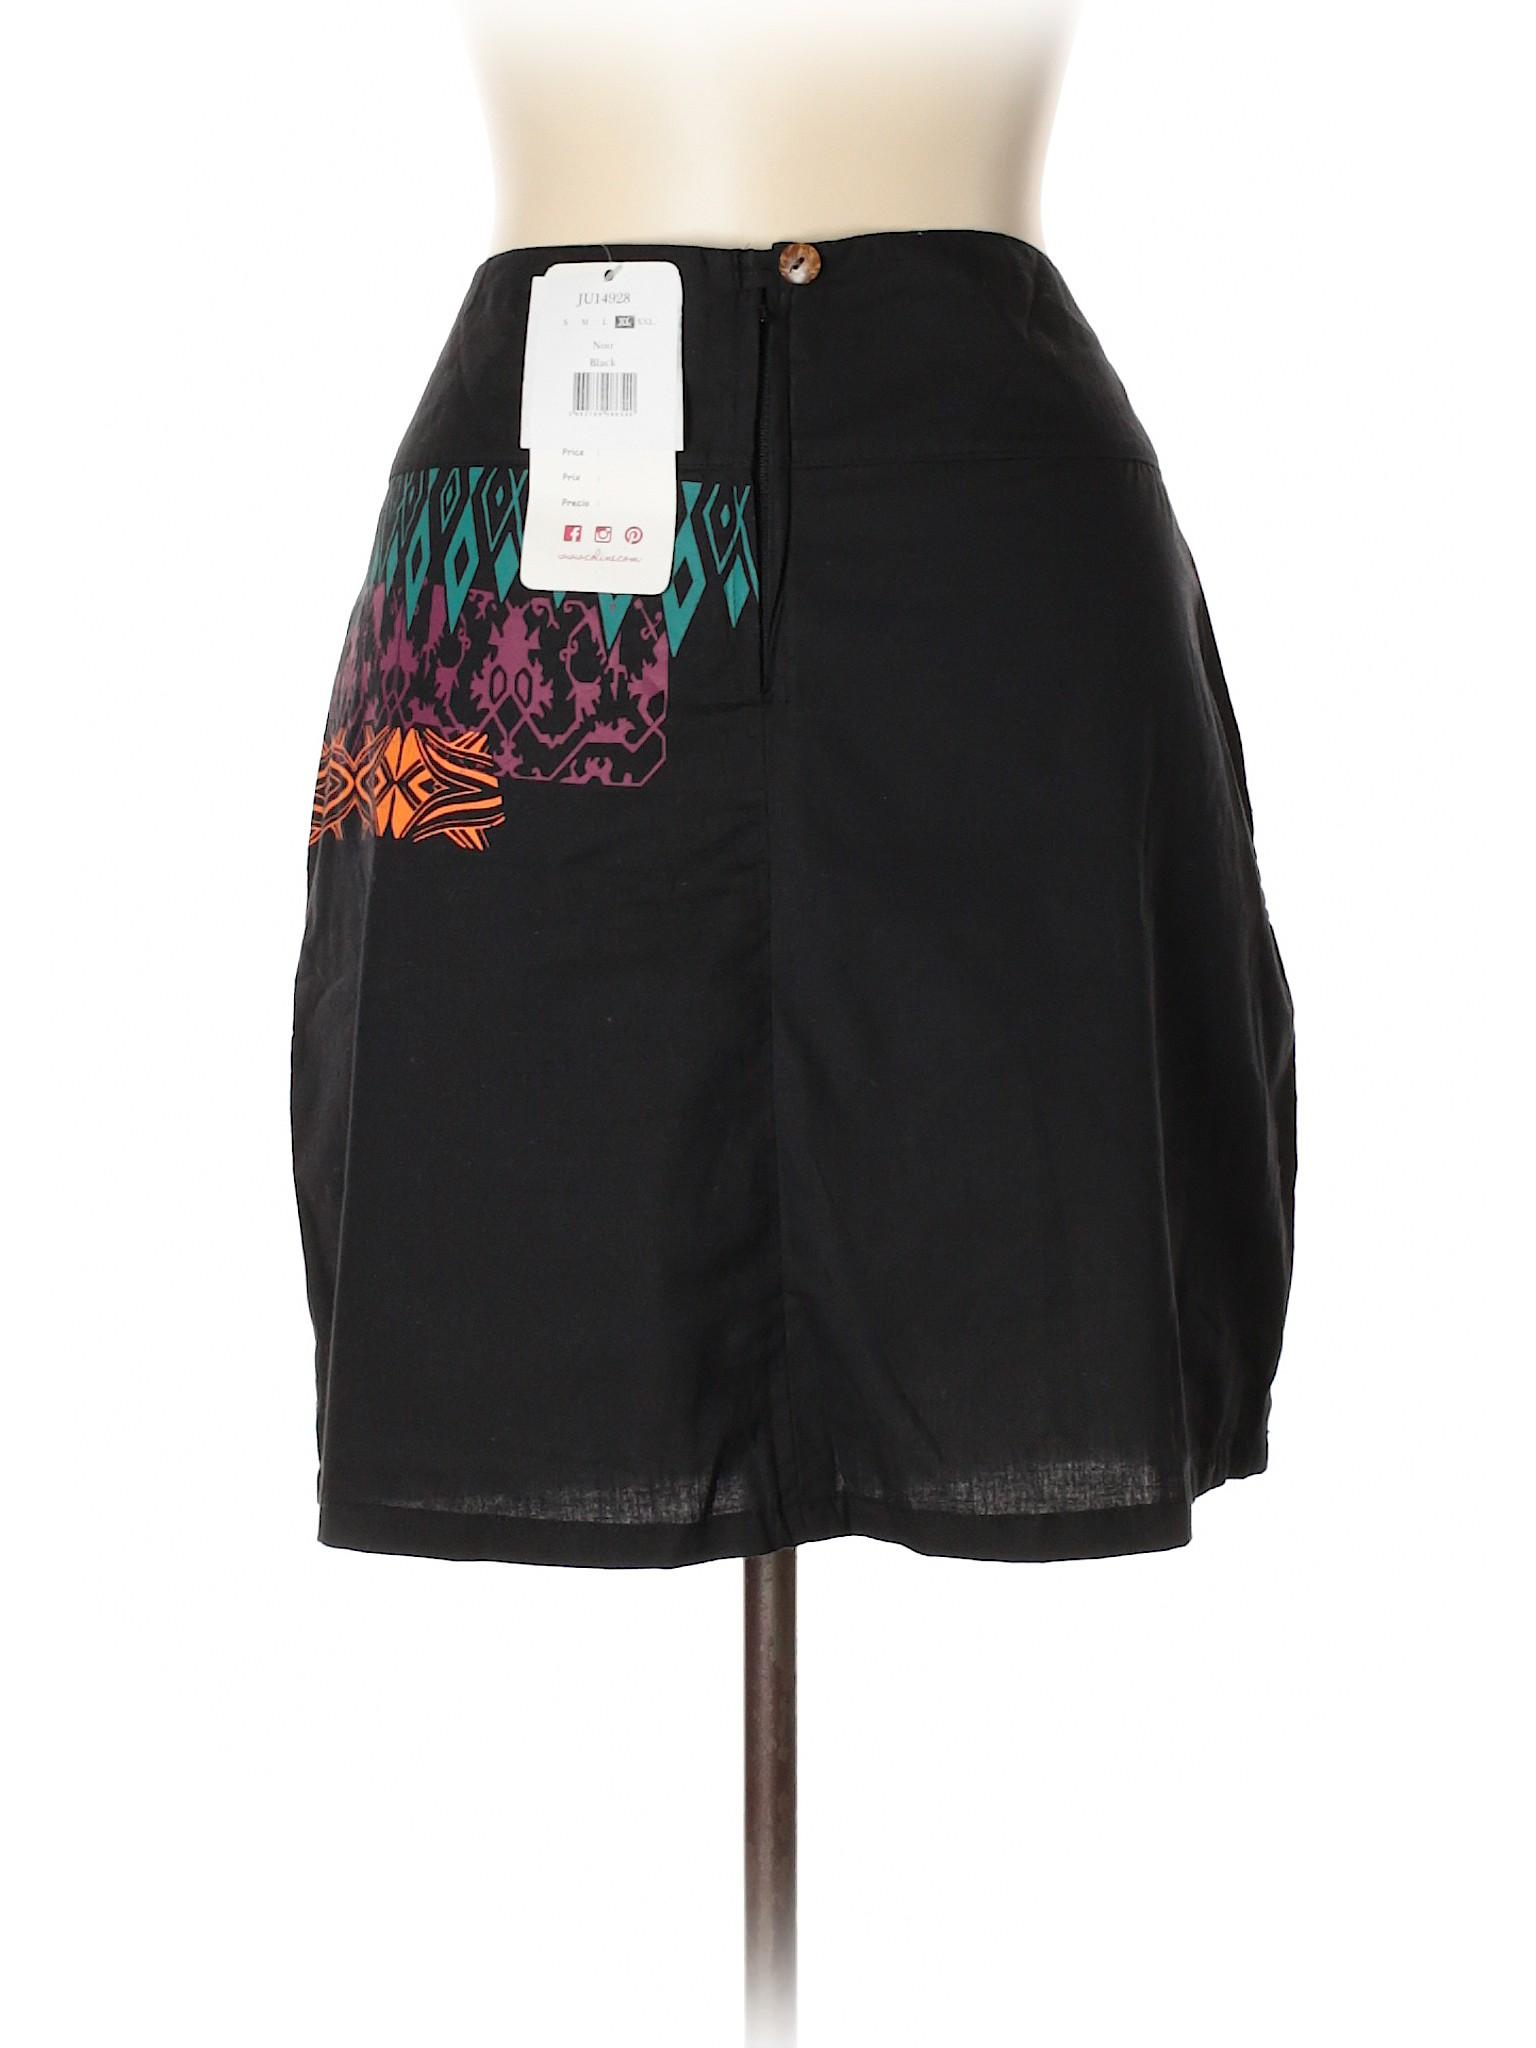 Coline Boutique Boutique Casual Skirt leisure leisure tqPOZ8